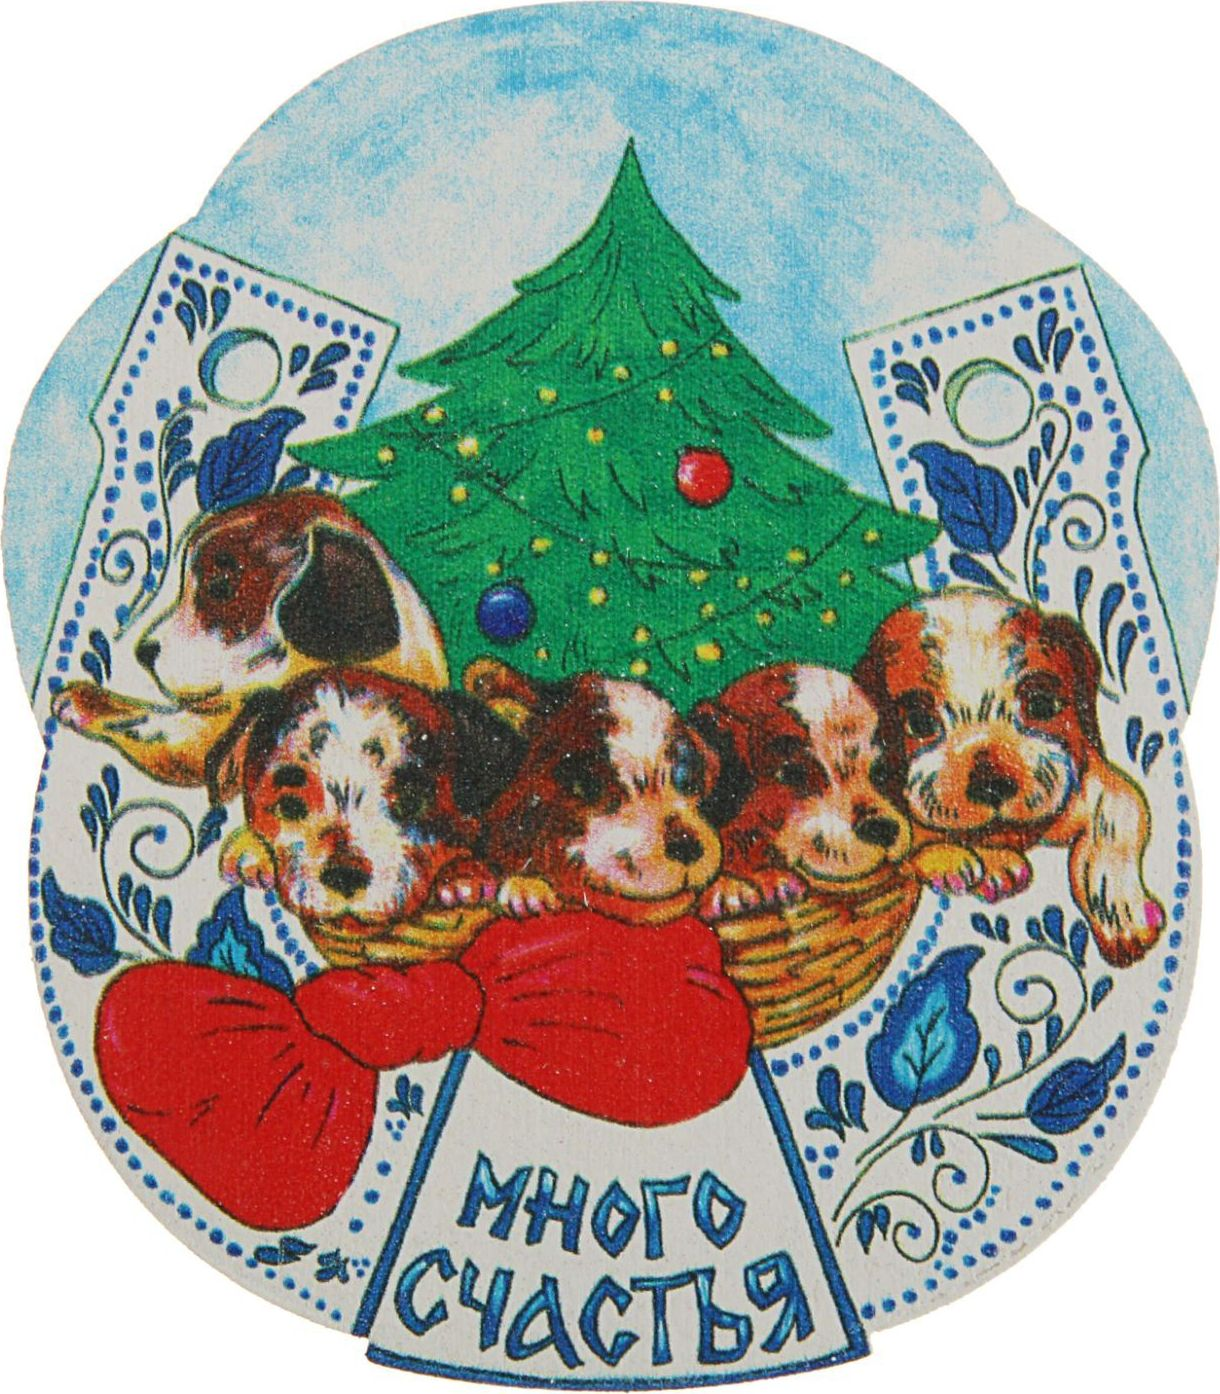 Магнит ТД ДМ Много счастья. Символ года, 8 х 7 см2368023Порадуйте родных и близких оригинальным сувениром: преподнесите в подарок магнит. С ним даже самый серьёзный человек почувствует себя ребёнком, ожидающим чудо! Создайте праздничное настроение, и оно останется с вами на весь год.